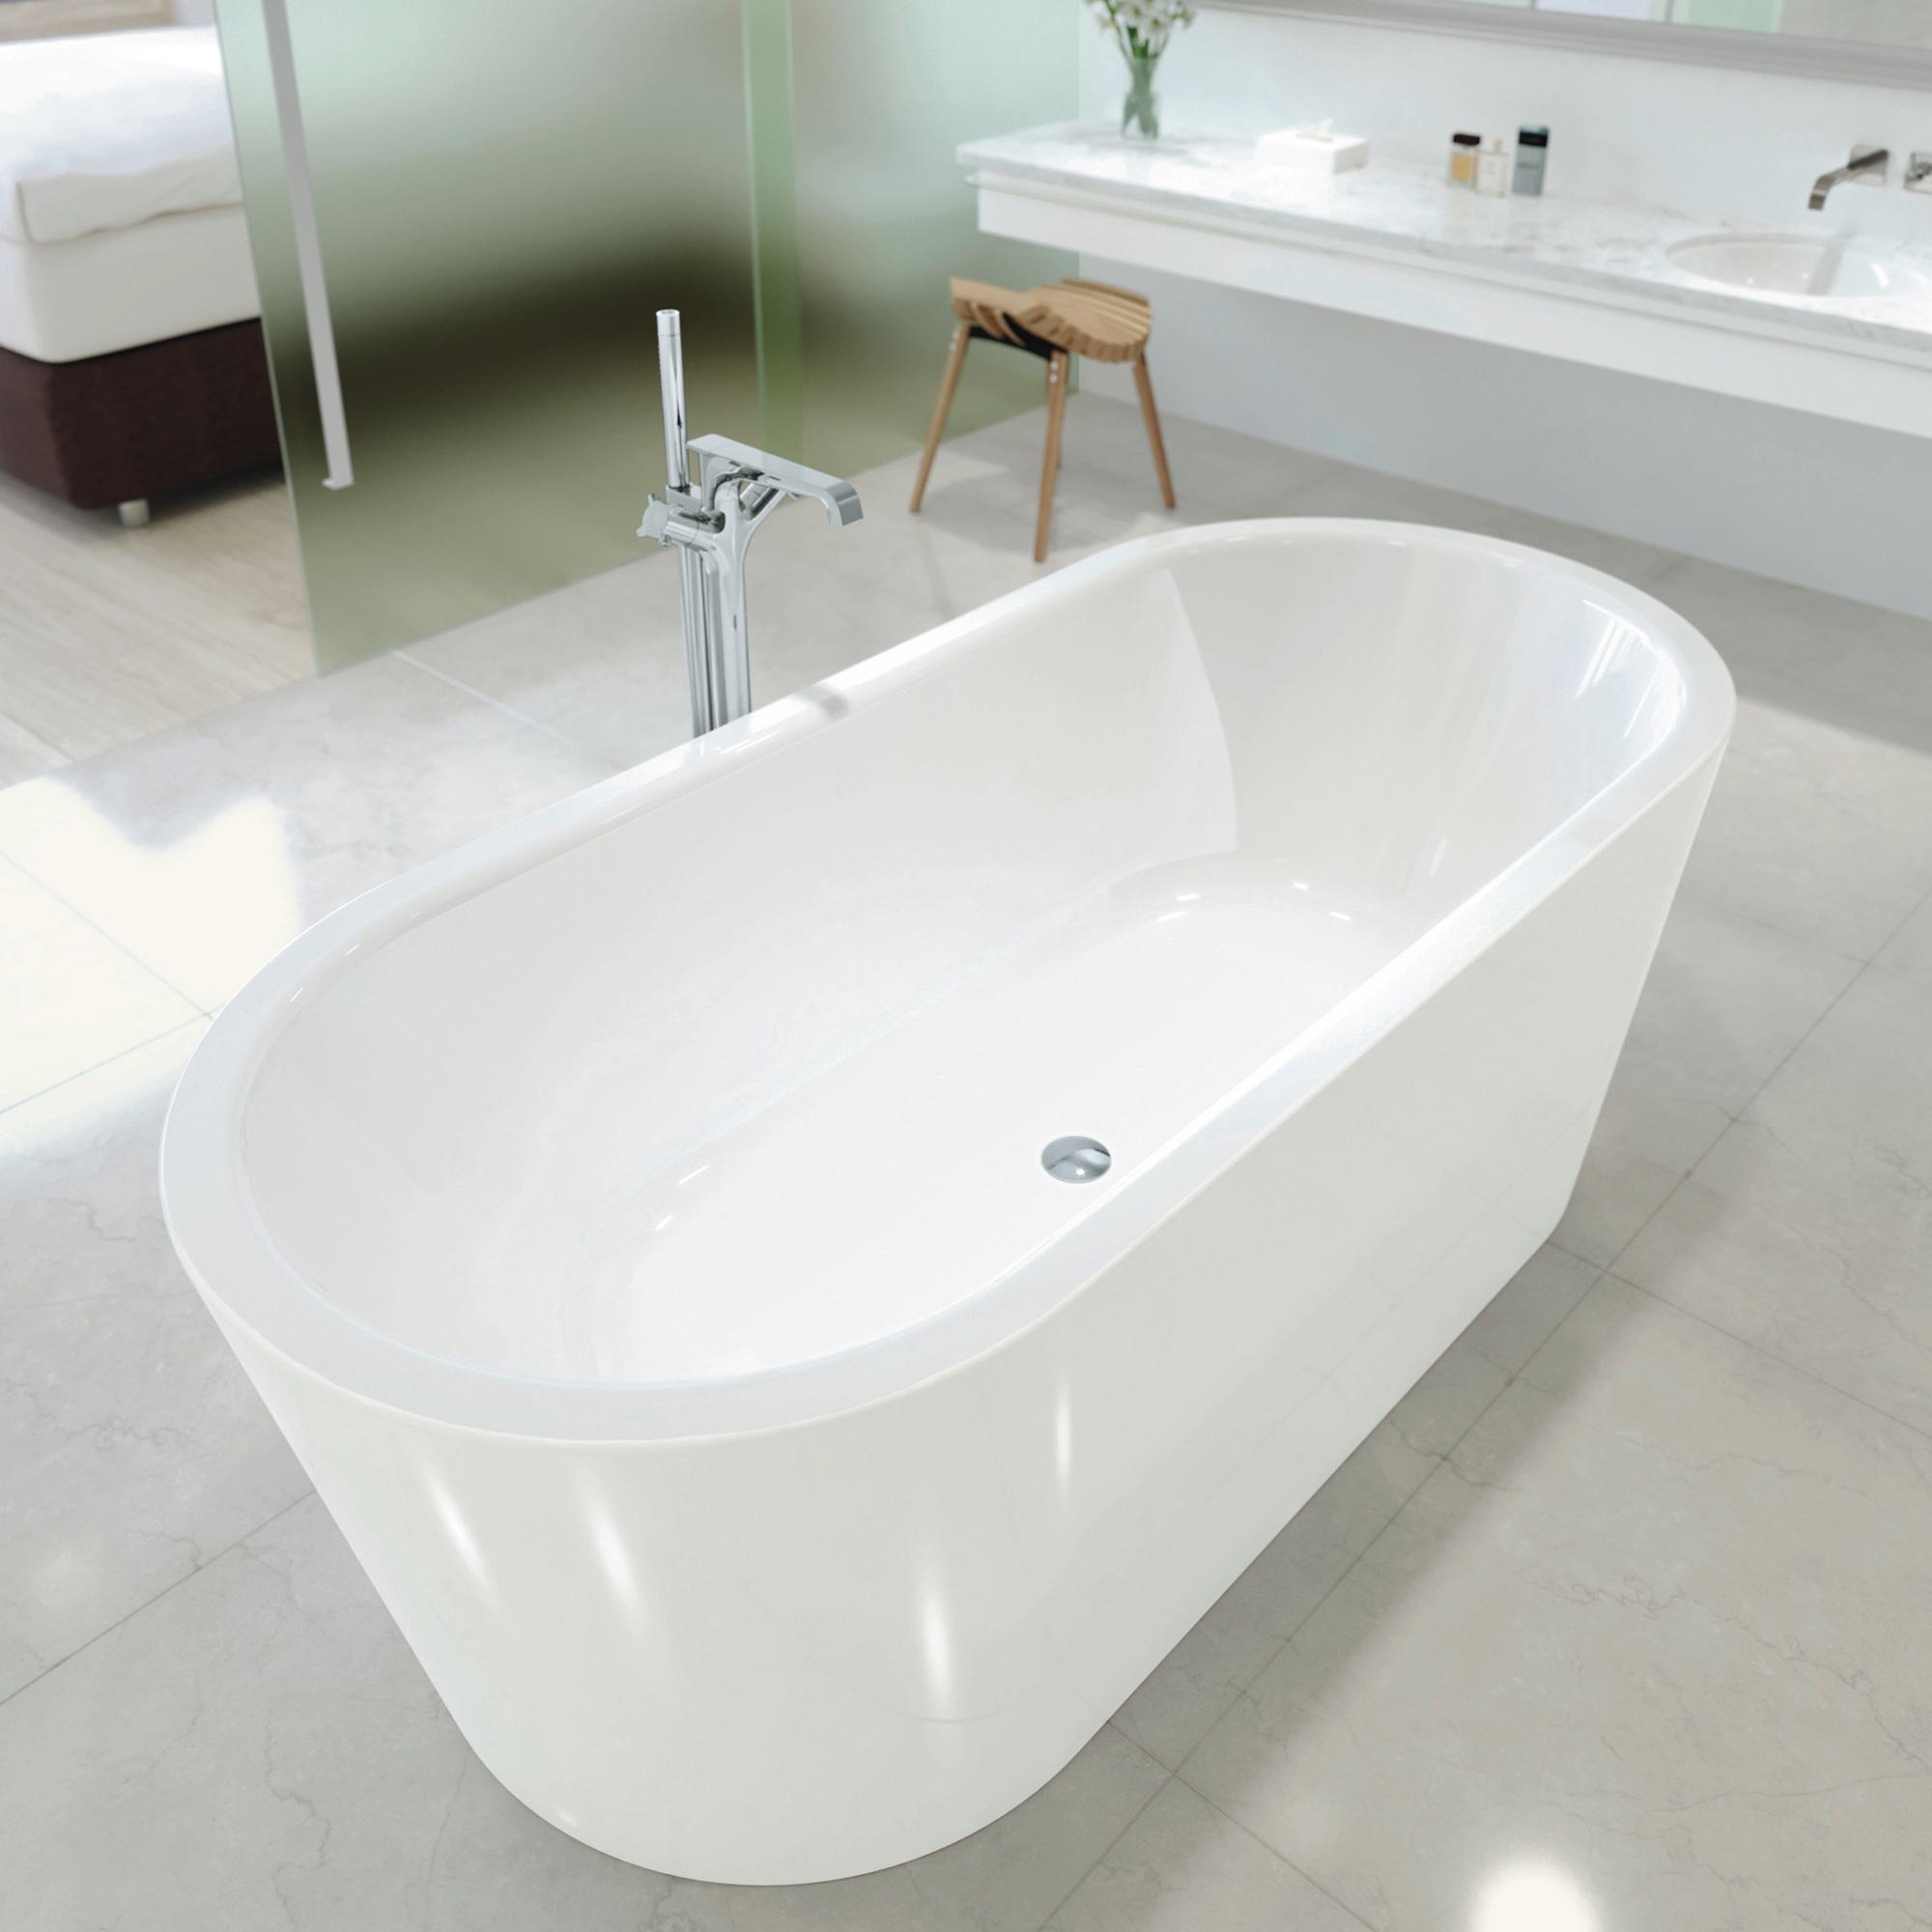 Kaldewei Meisterstück Classic Duo Oval Freistehende Oval Badewanne weiß,  mit Ablaufgarnitur, ohne Füllfunktion